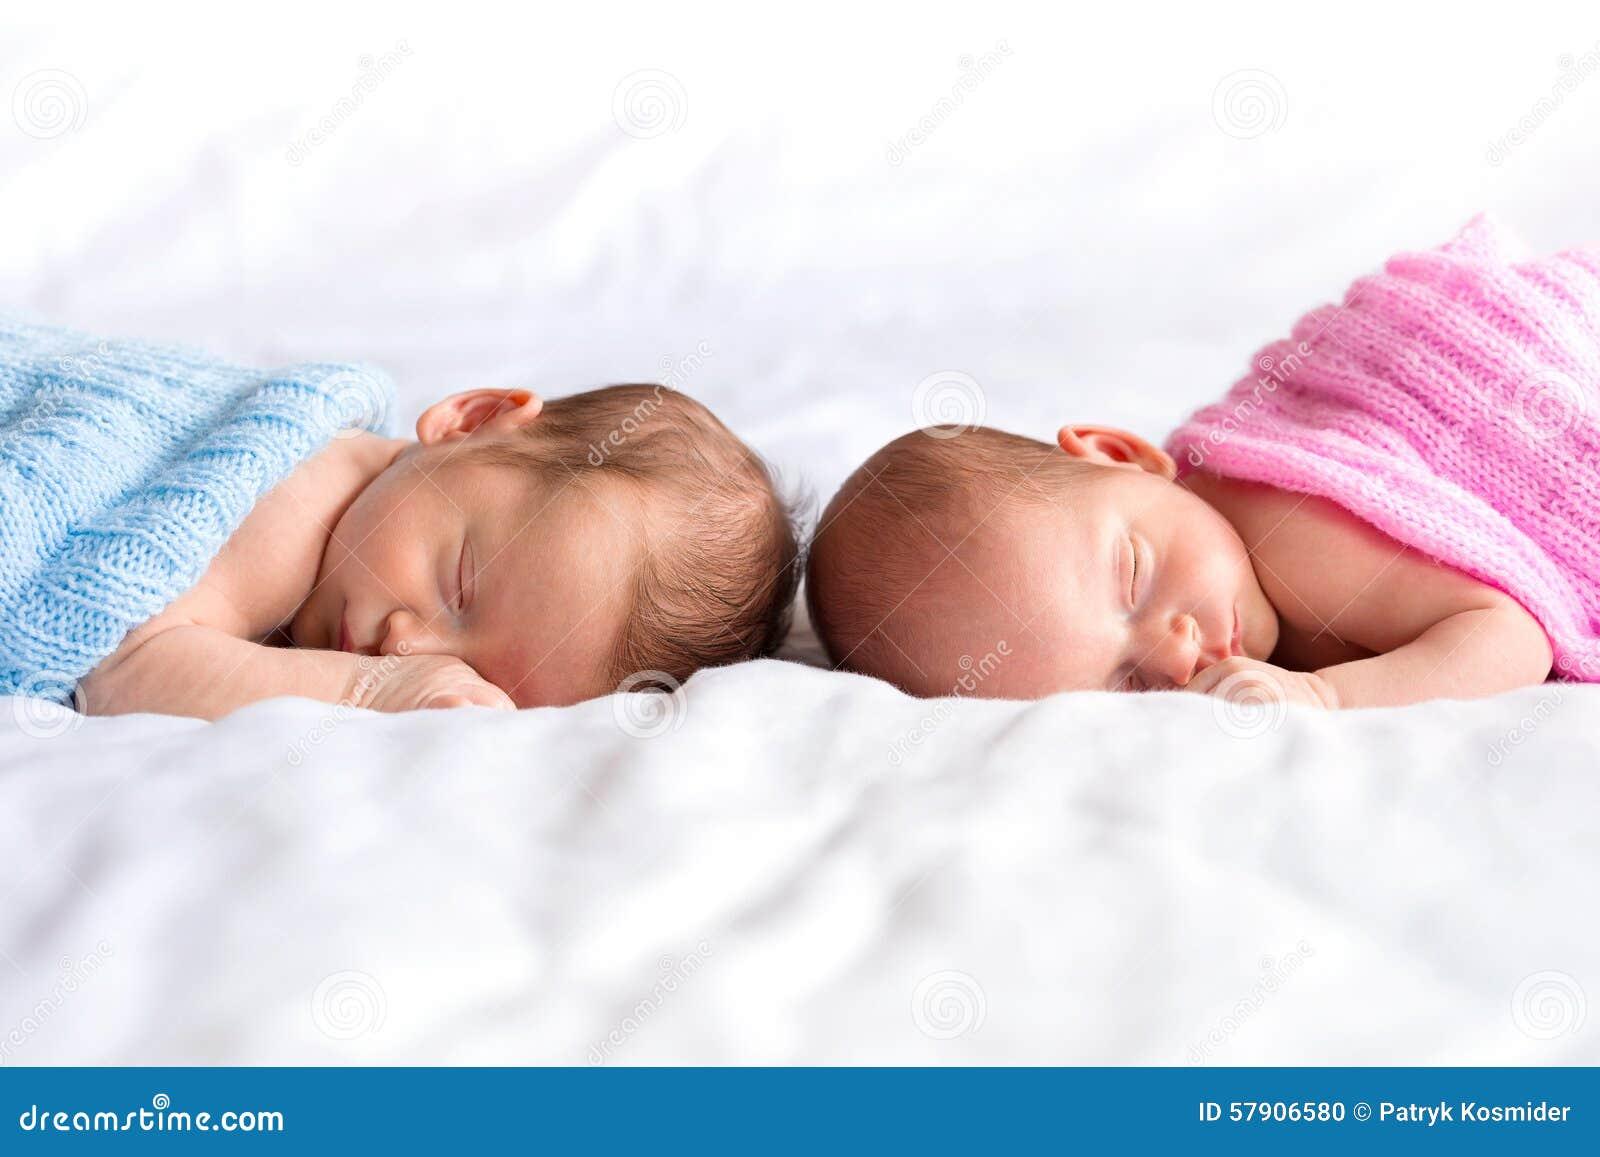 Van het babyjongen en meisje tweelingen in bed